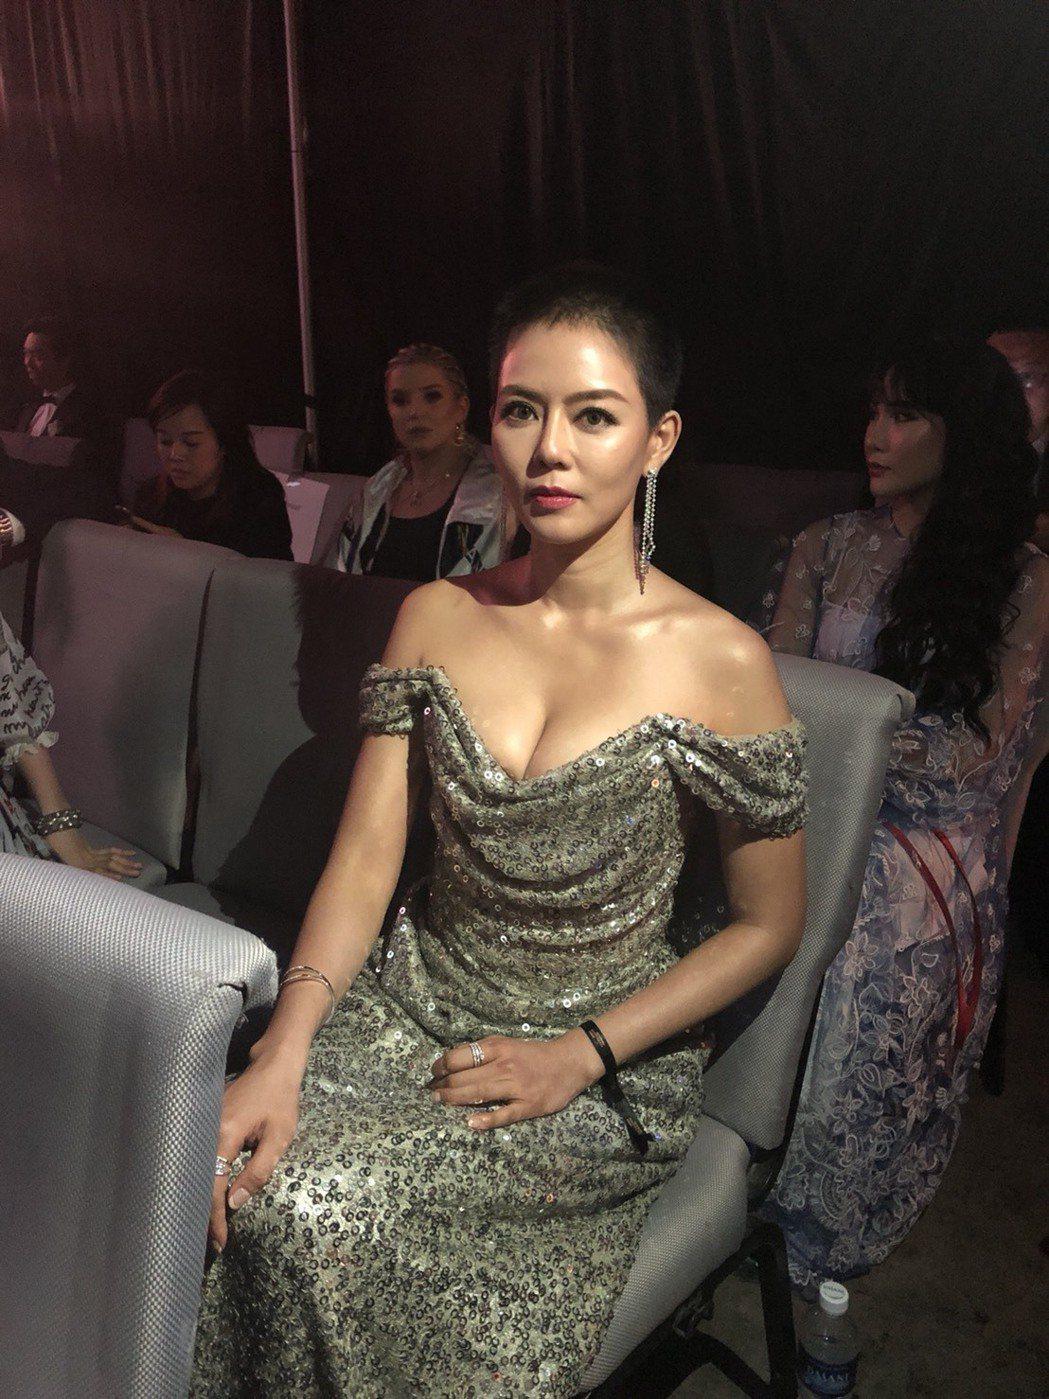 劉香慈嫁入豪門當媽,身材更傲人,爆奶出席新加坡亞洲電視大獎。圖/民視提供